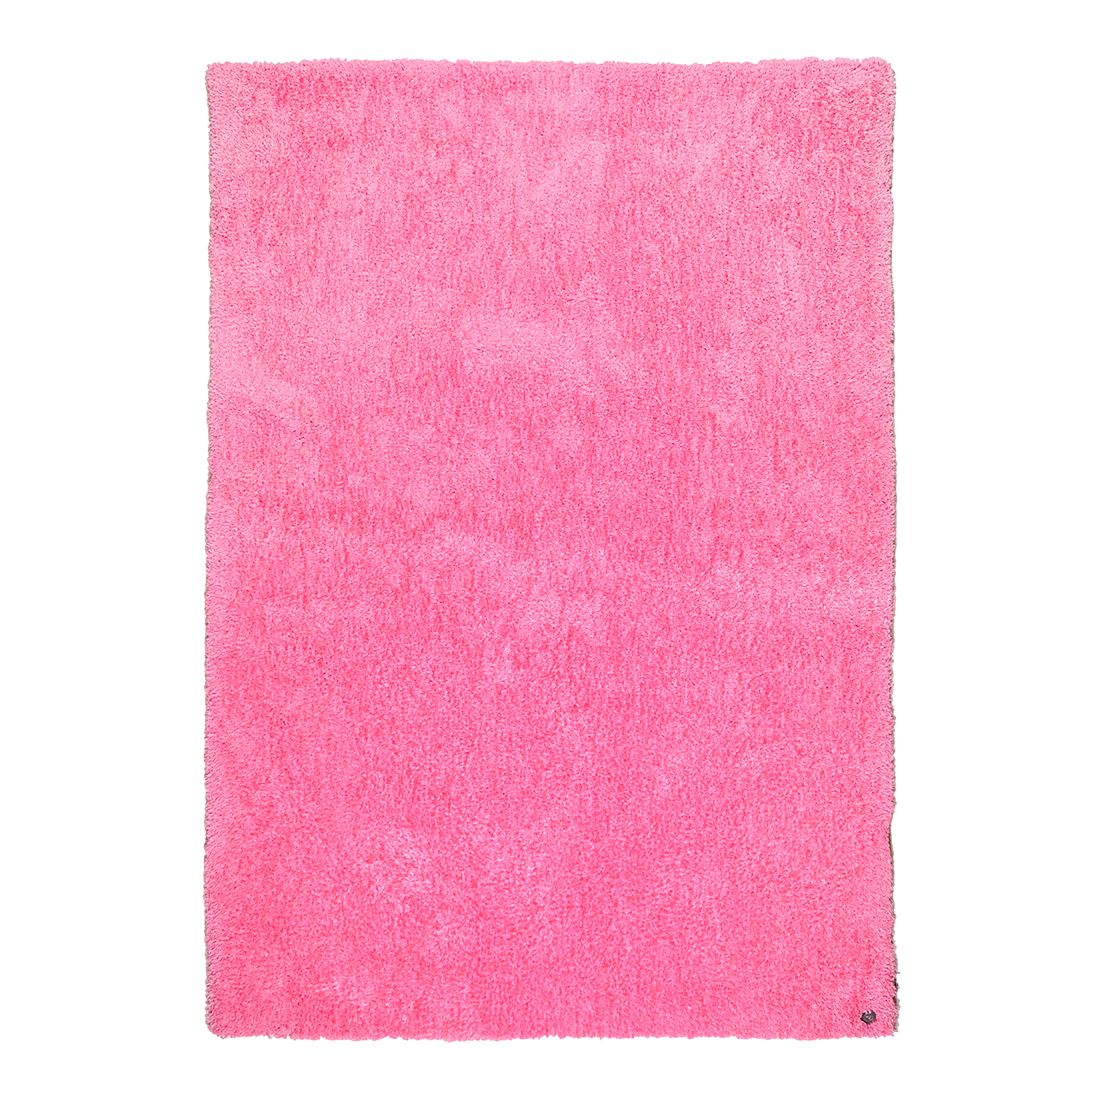 Teppich Soft Square – Rose – Maße: 190 x 190 cm, Tom Tailor günstig online kaufen